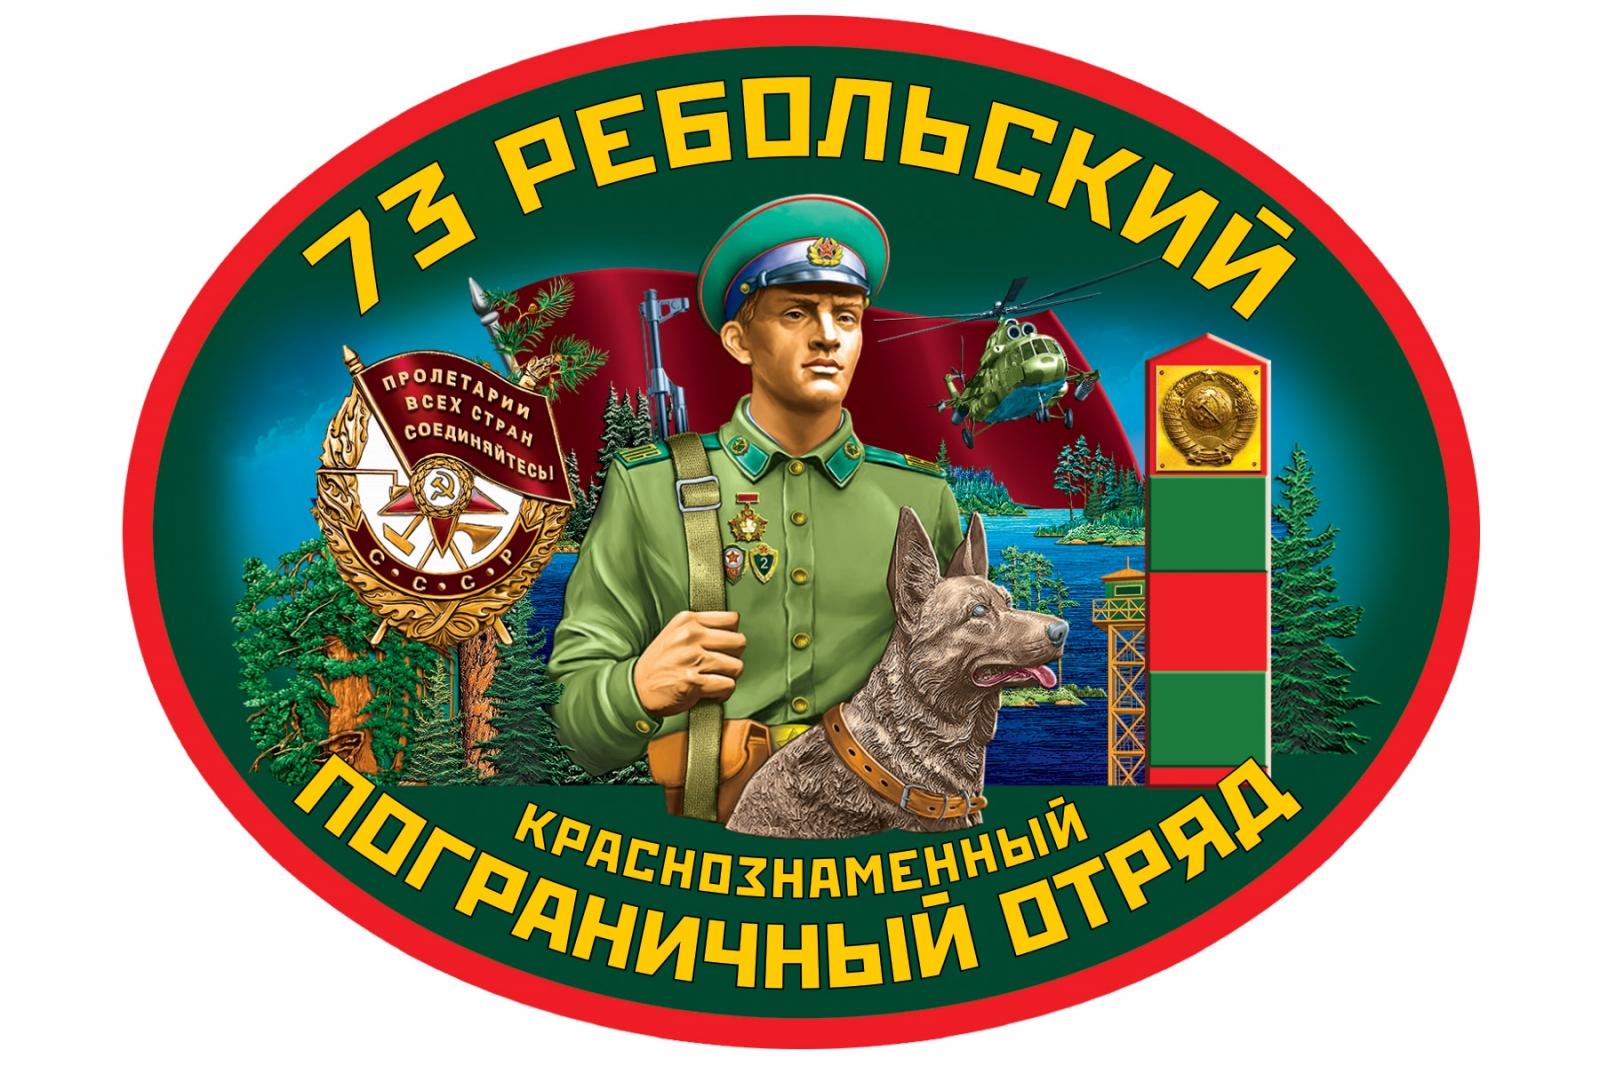 Наклейка на машину 73 Ребольский пограничный отряд